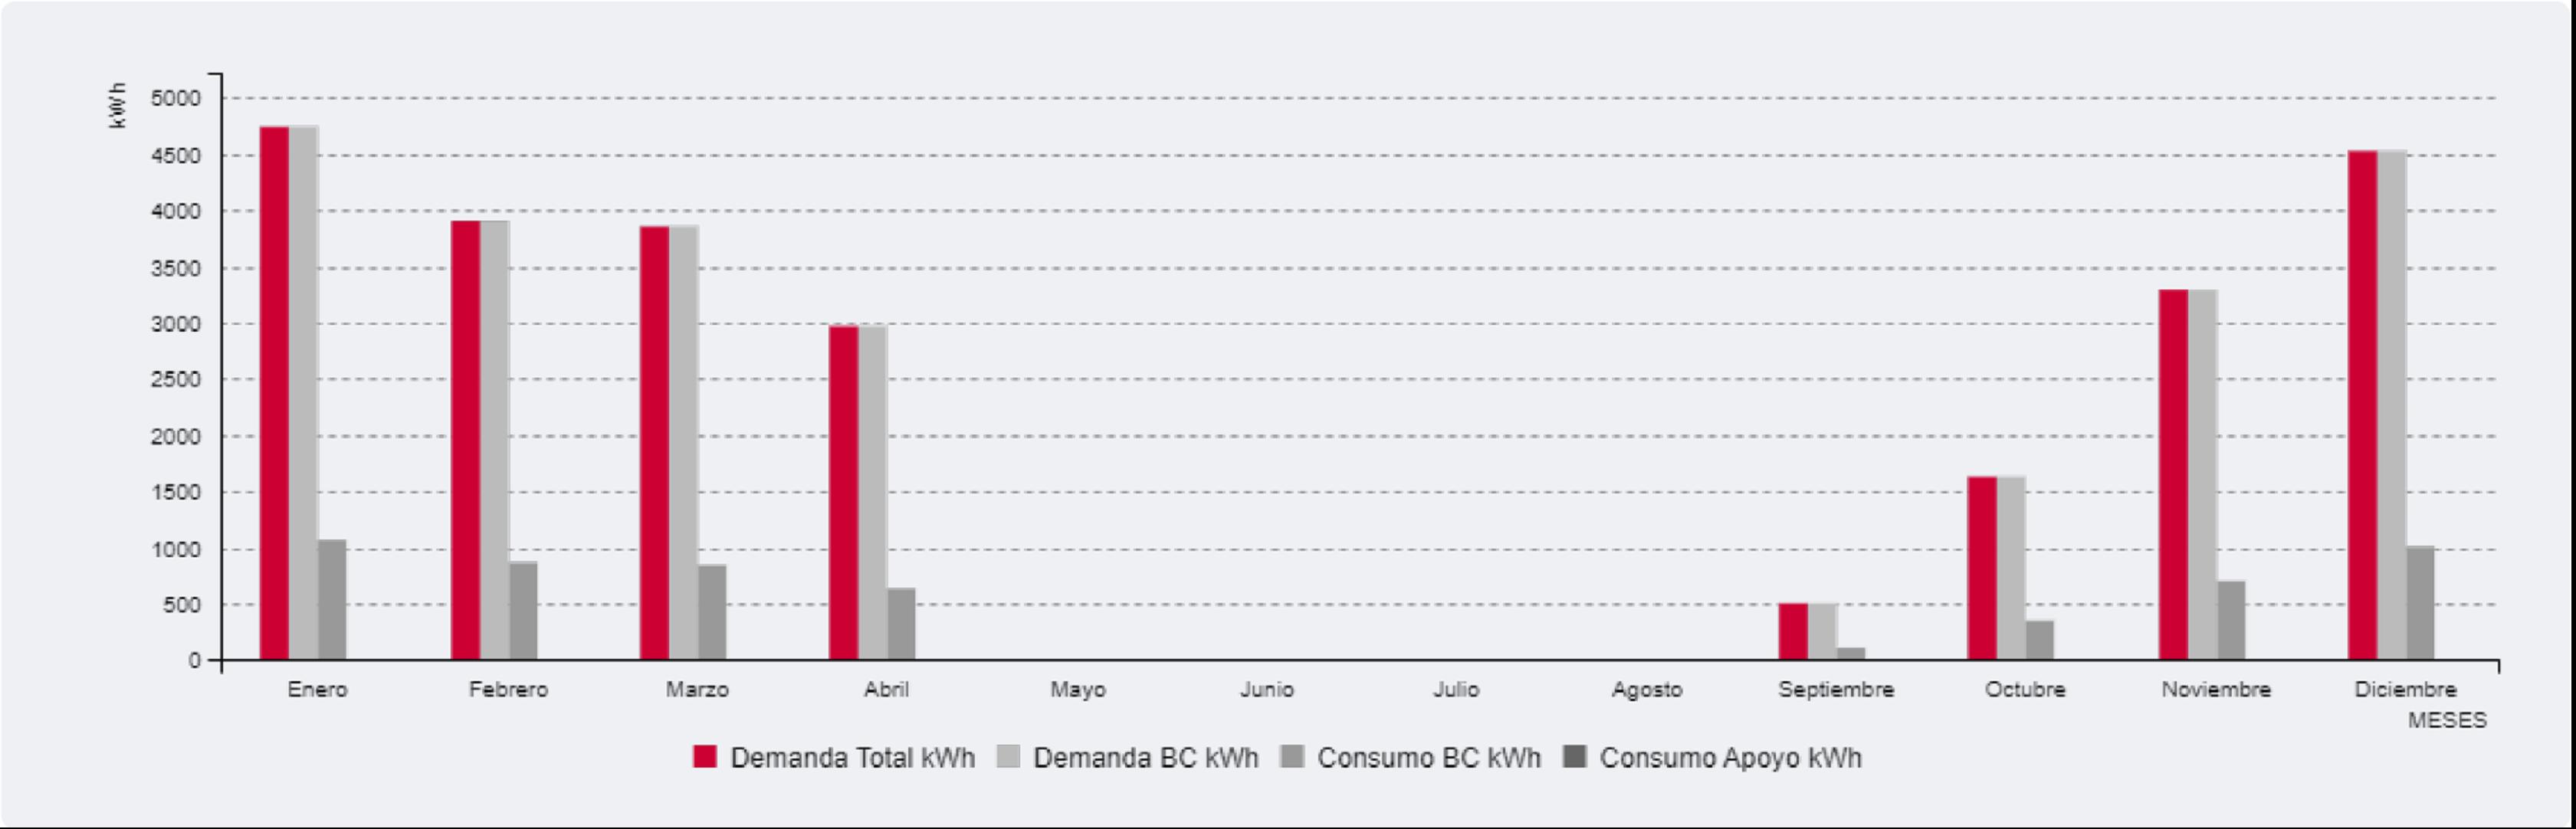 Grafico de cálculo demanda de Seit Instalaciones